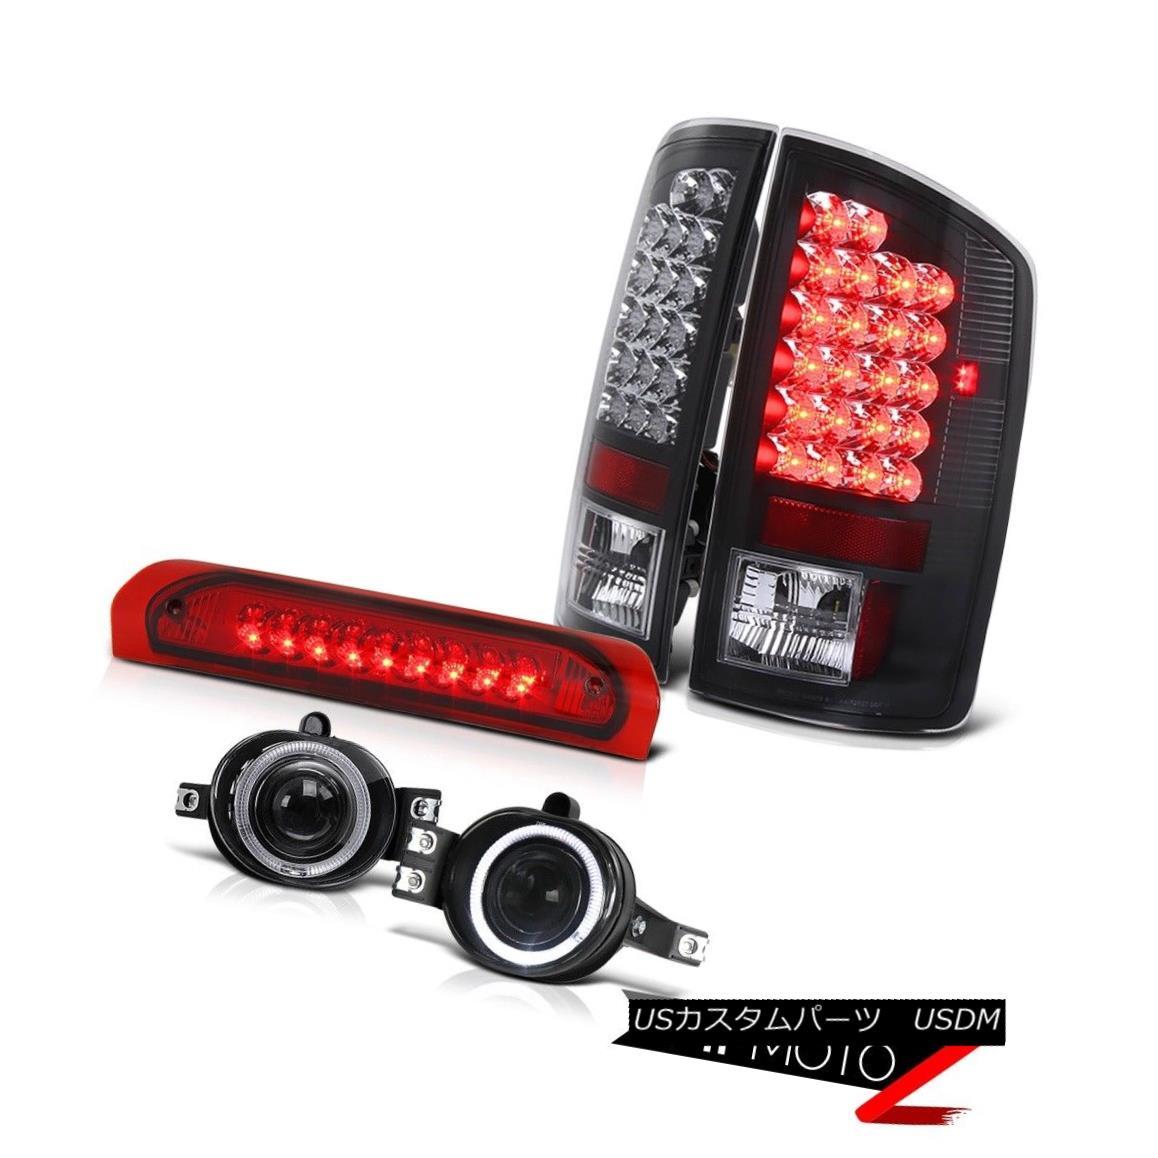 テールライト Dodge 02-06 RAM Black LED Taillamp+3rd Brake+Smoke Halo Projector Fog Lamp COMBO ドッジ02-06 RAMブラックLEDタイルランプ+ 3番ブレーキ+スモークハロープロジェクターフォグランプCOMBO